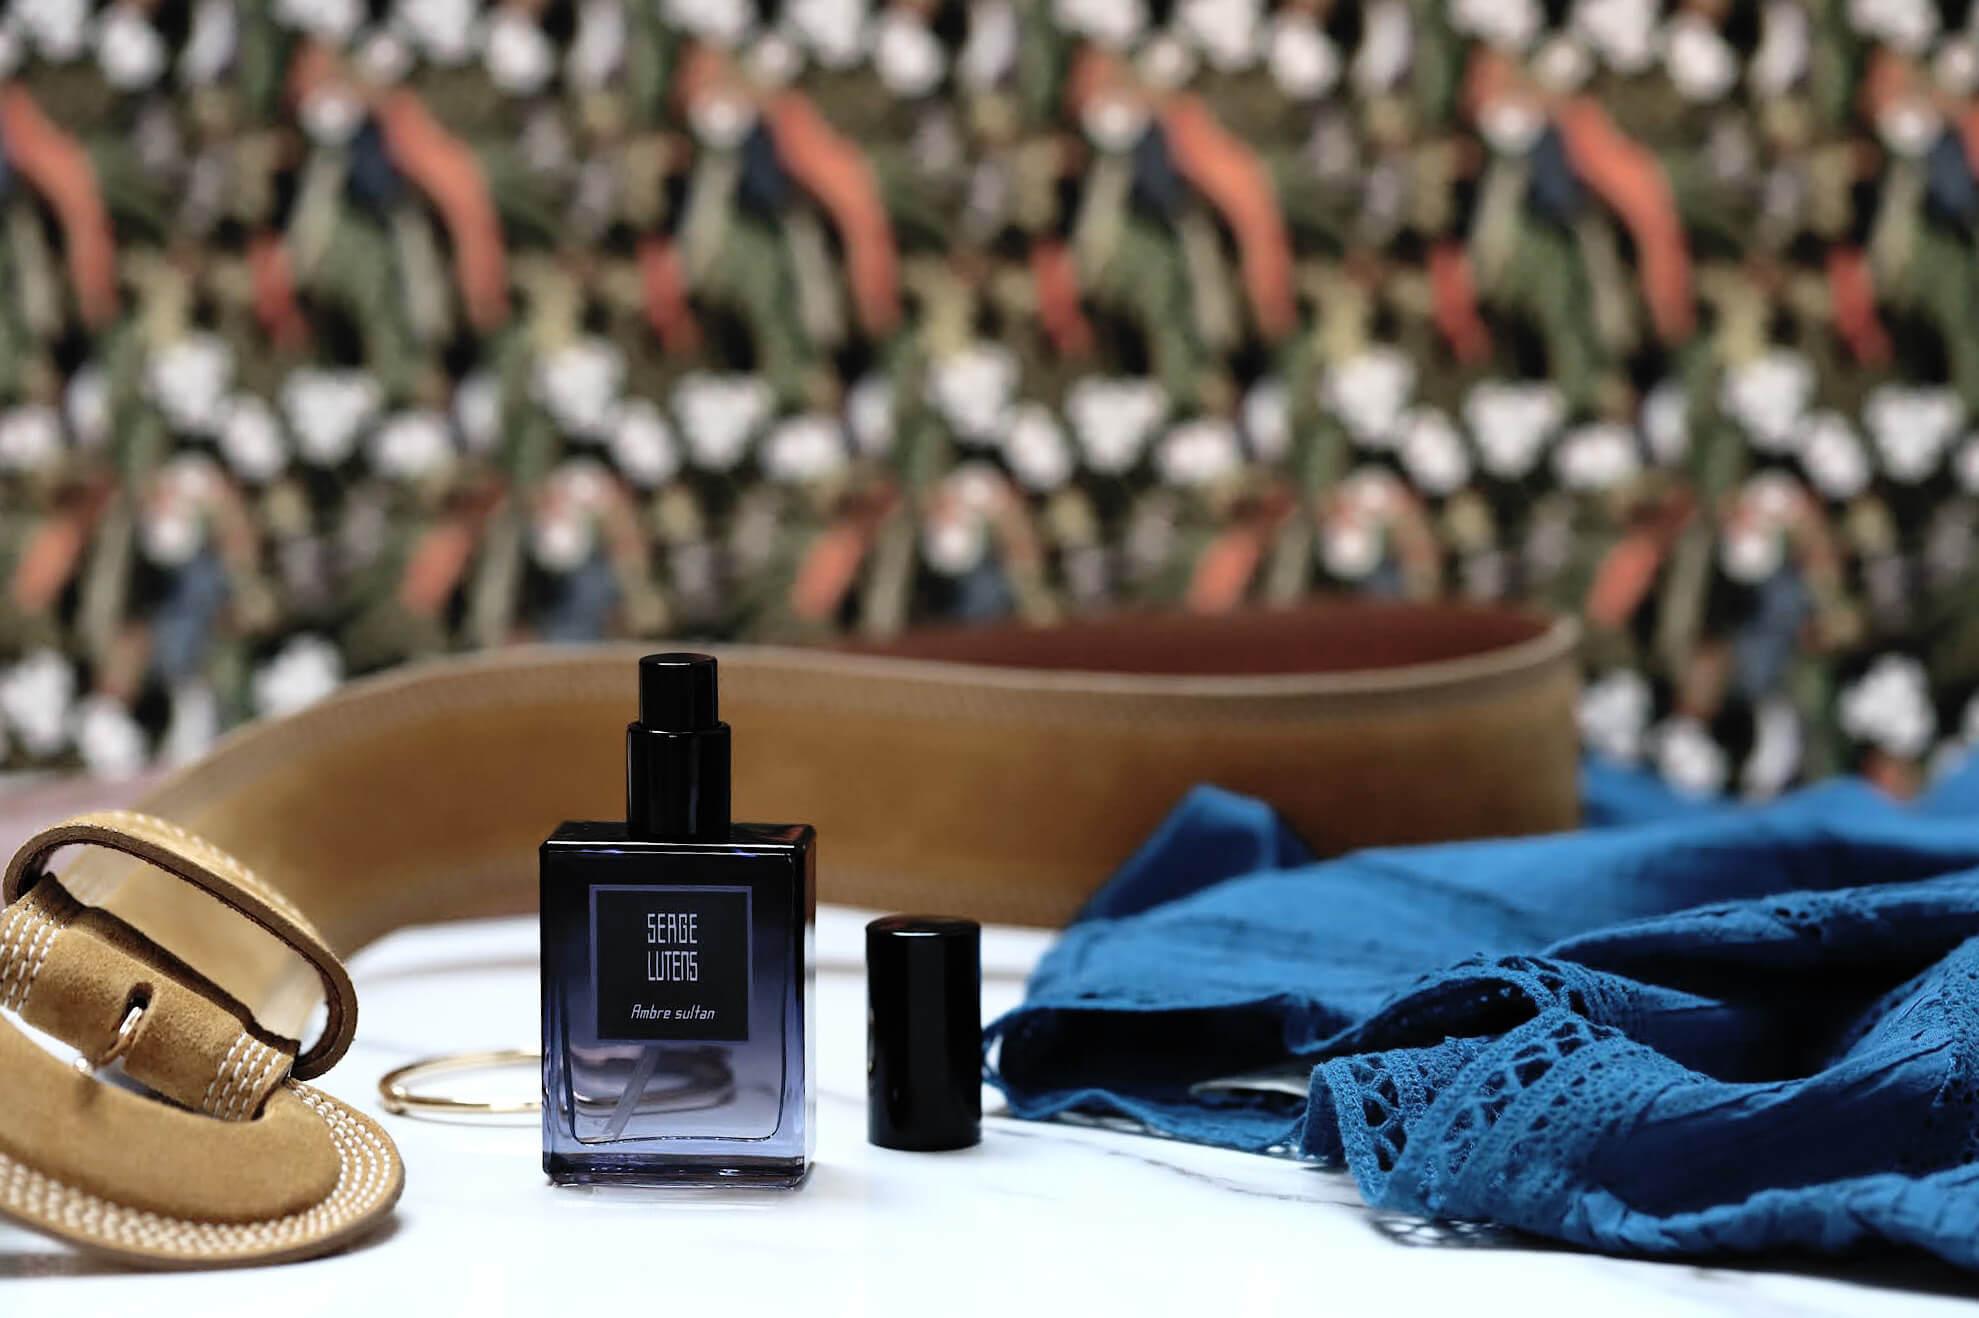 Serge Lutens Confit de Parfum